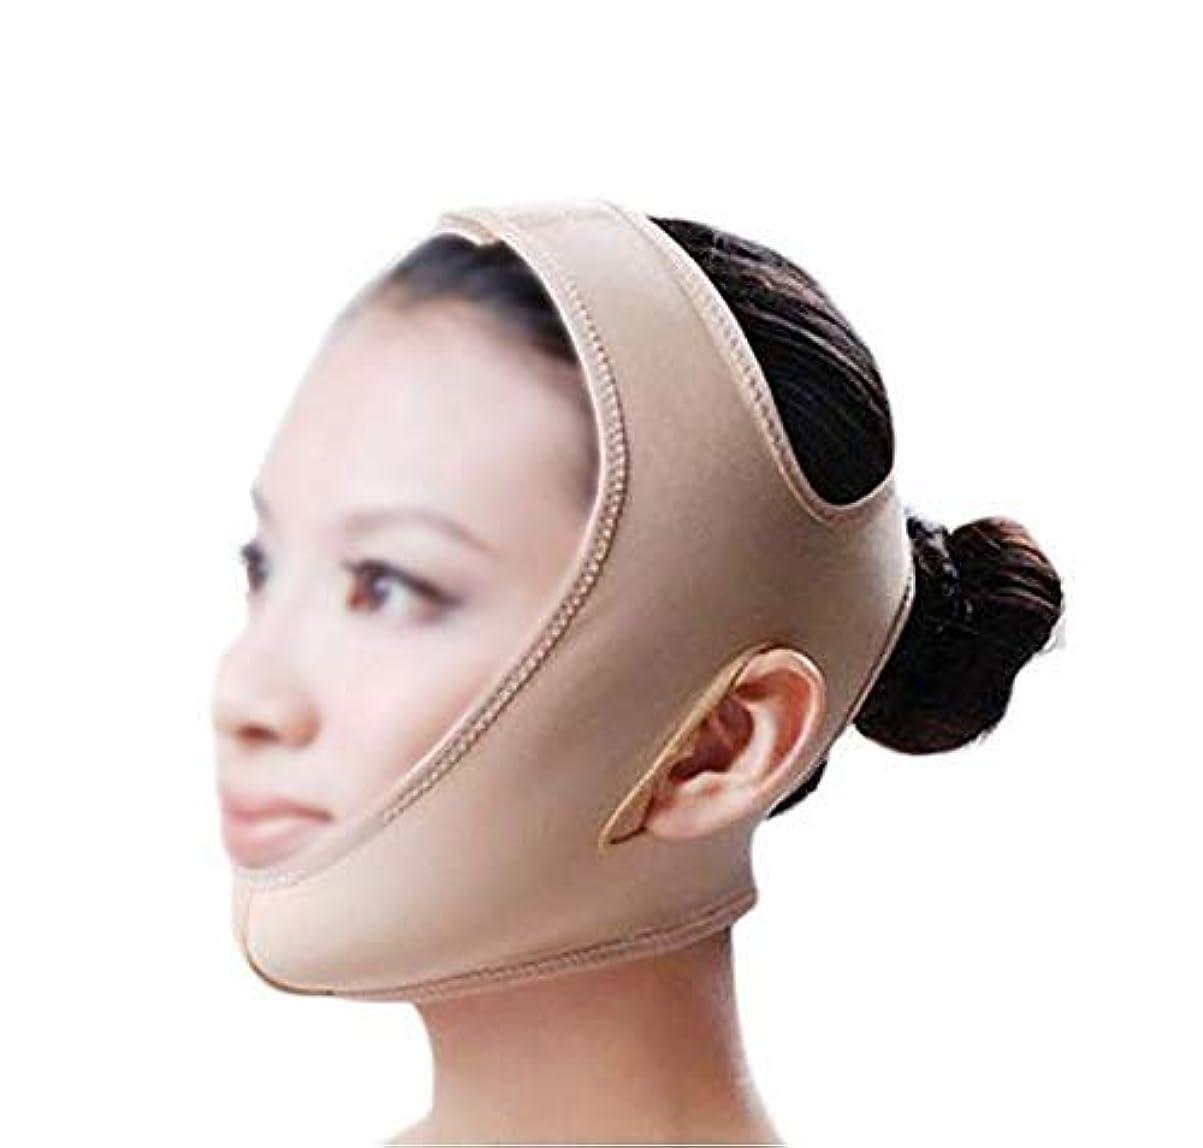 一般的なエッセイ運営ファーミングフェイスマスク、マスクフェイスマスク美容医学フェイスマスク美容Vフェイス包帯ライン彫刻リフティングファーミングダブルチンマスク(サイズ:S),S